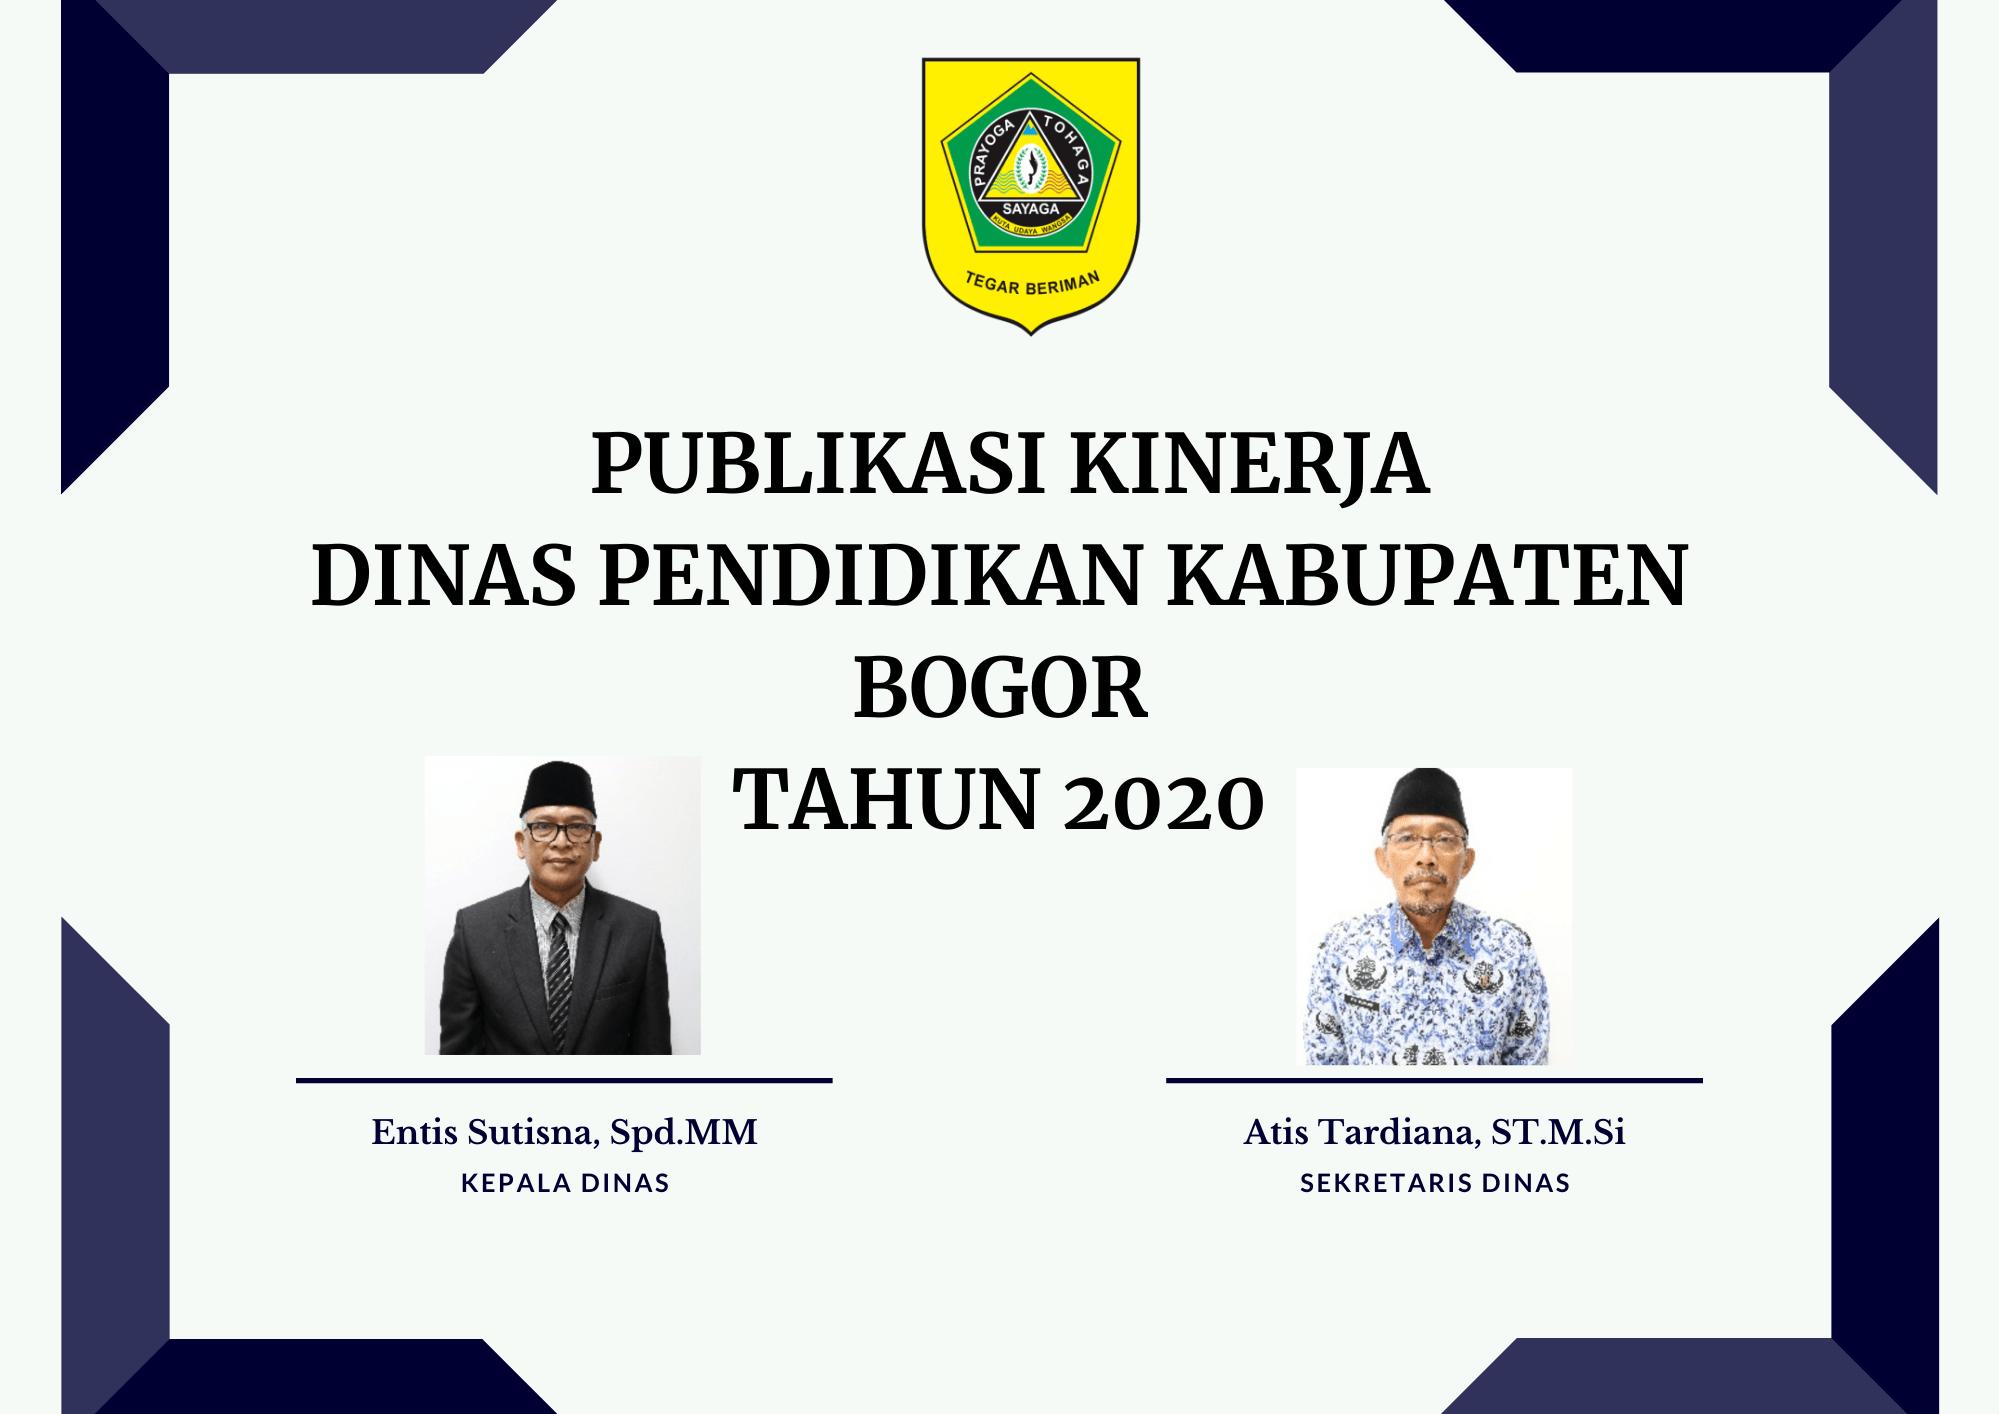 PUBLIKASI KINERJA DINAS PENDIDIKAN KABUPATEN BOGOR TAHUN 2020